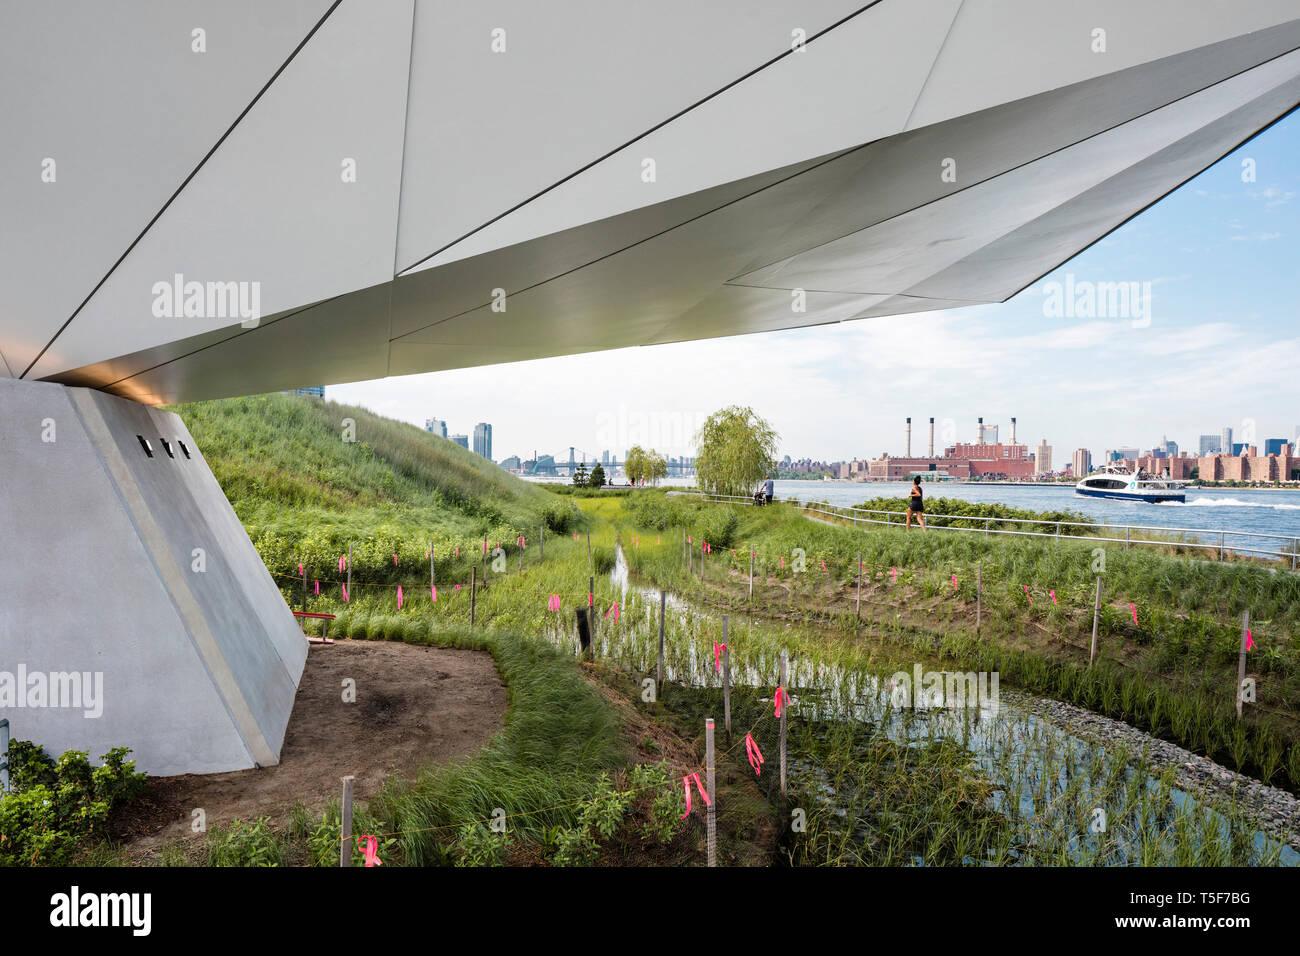 Pascoli e l'East River da sotto il si affacciano. Cacciatori South Park, New York, Stati Uniti. Architetto: SWA/Balsley in collaborazione con Immagini Stock